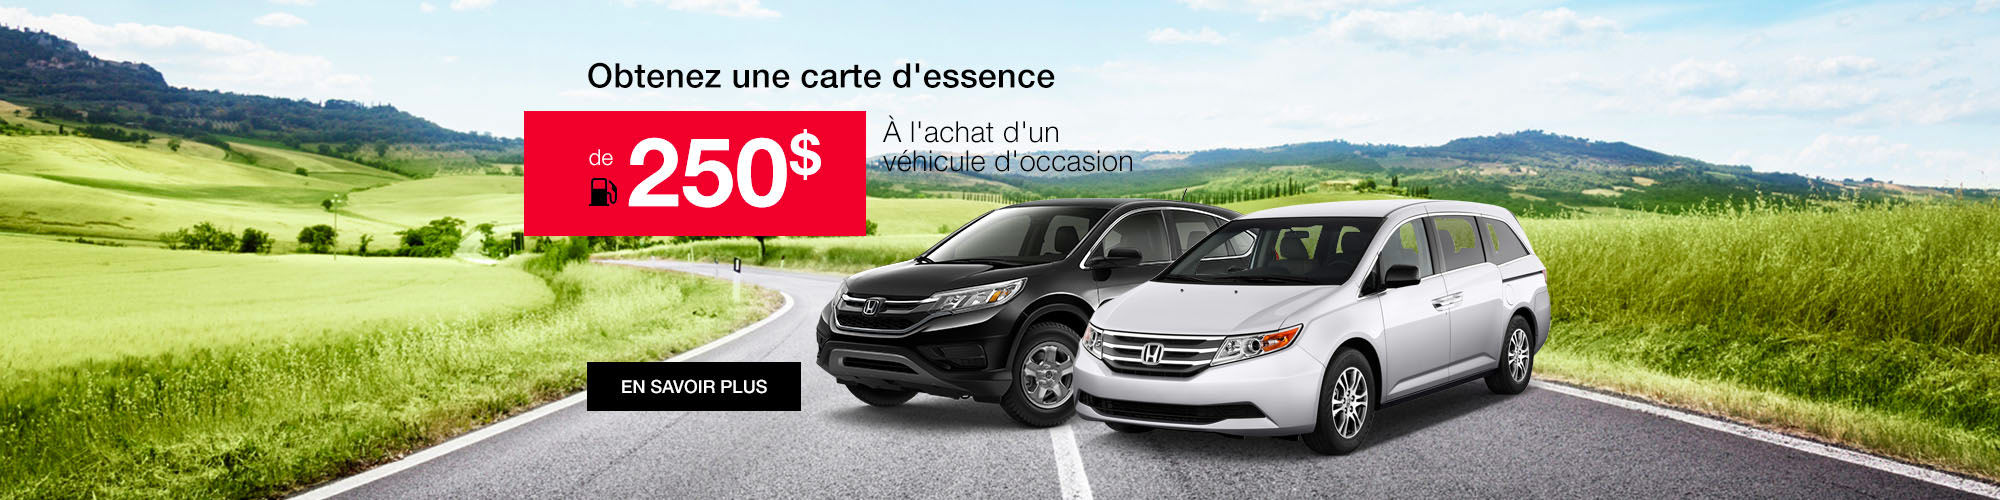 Carte d'essence de 250$ Honda